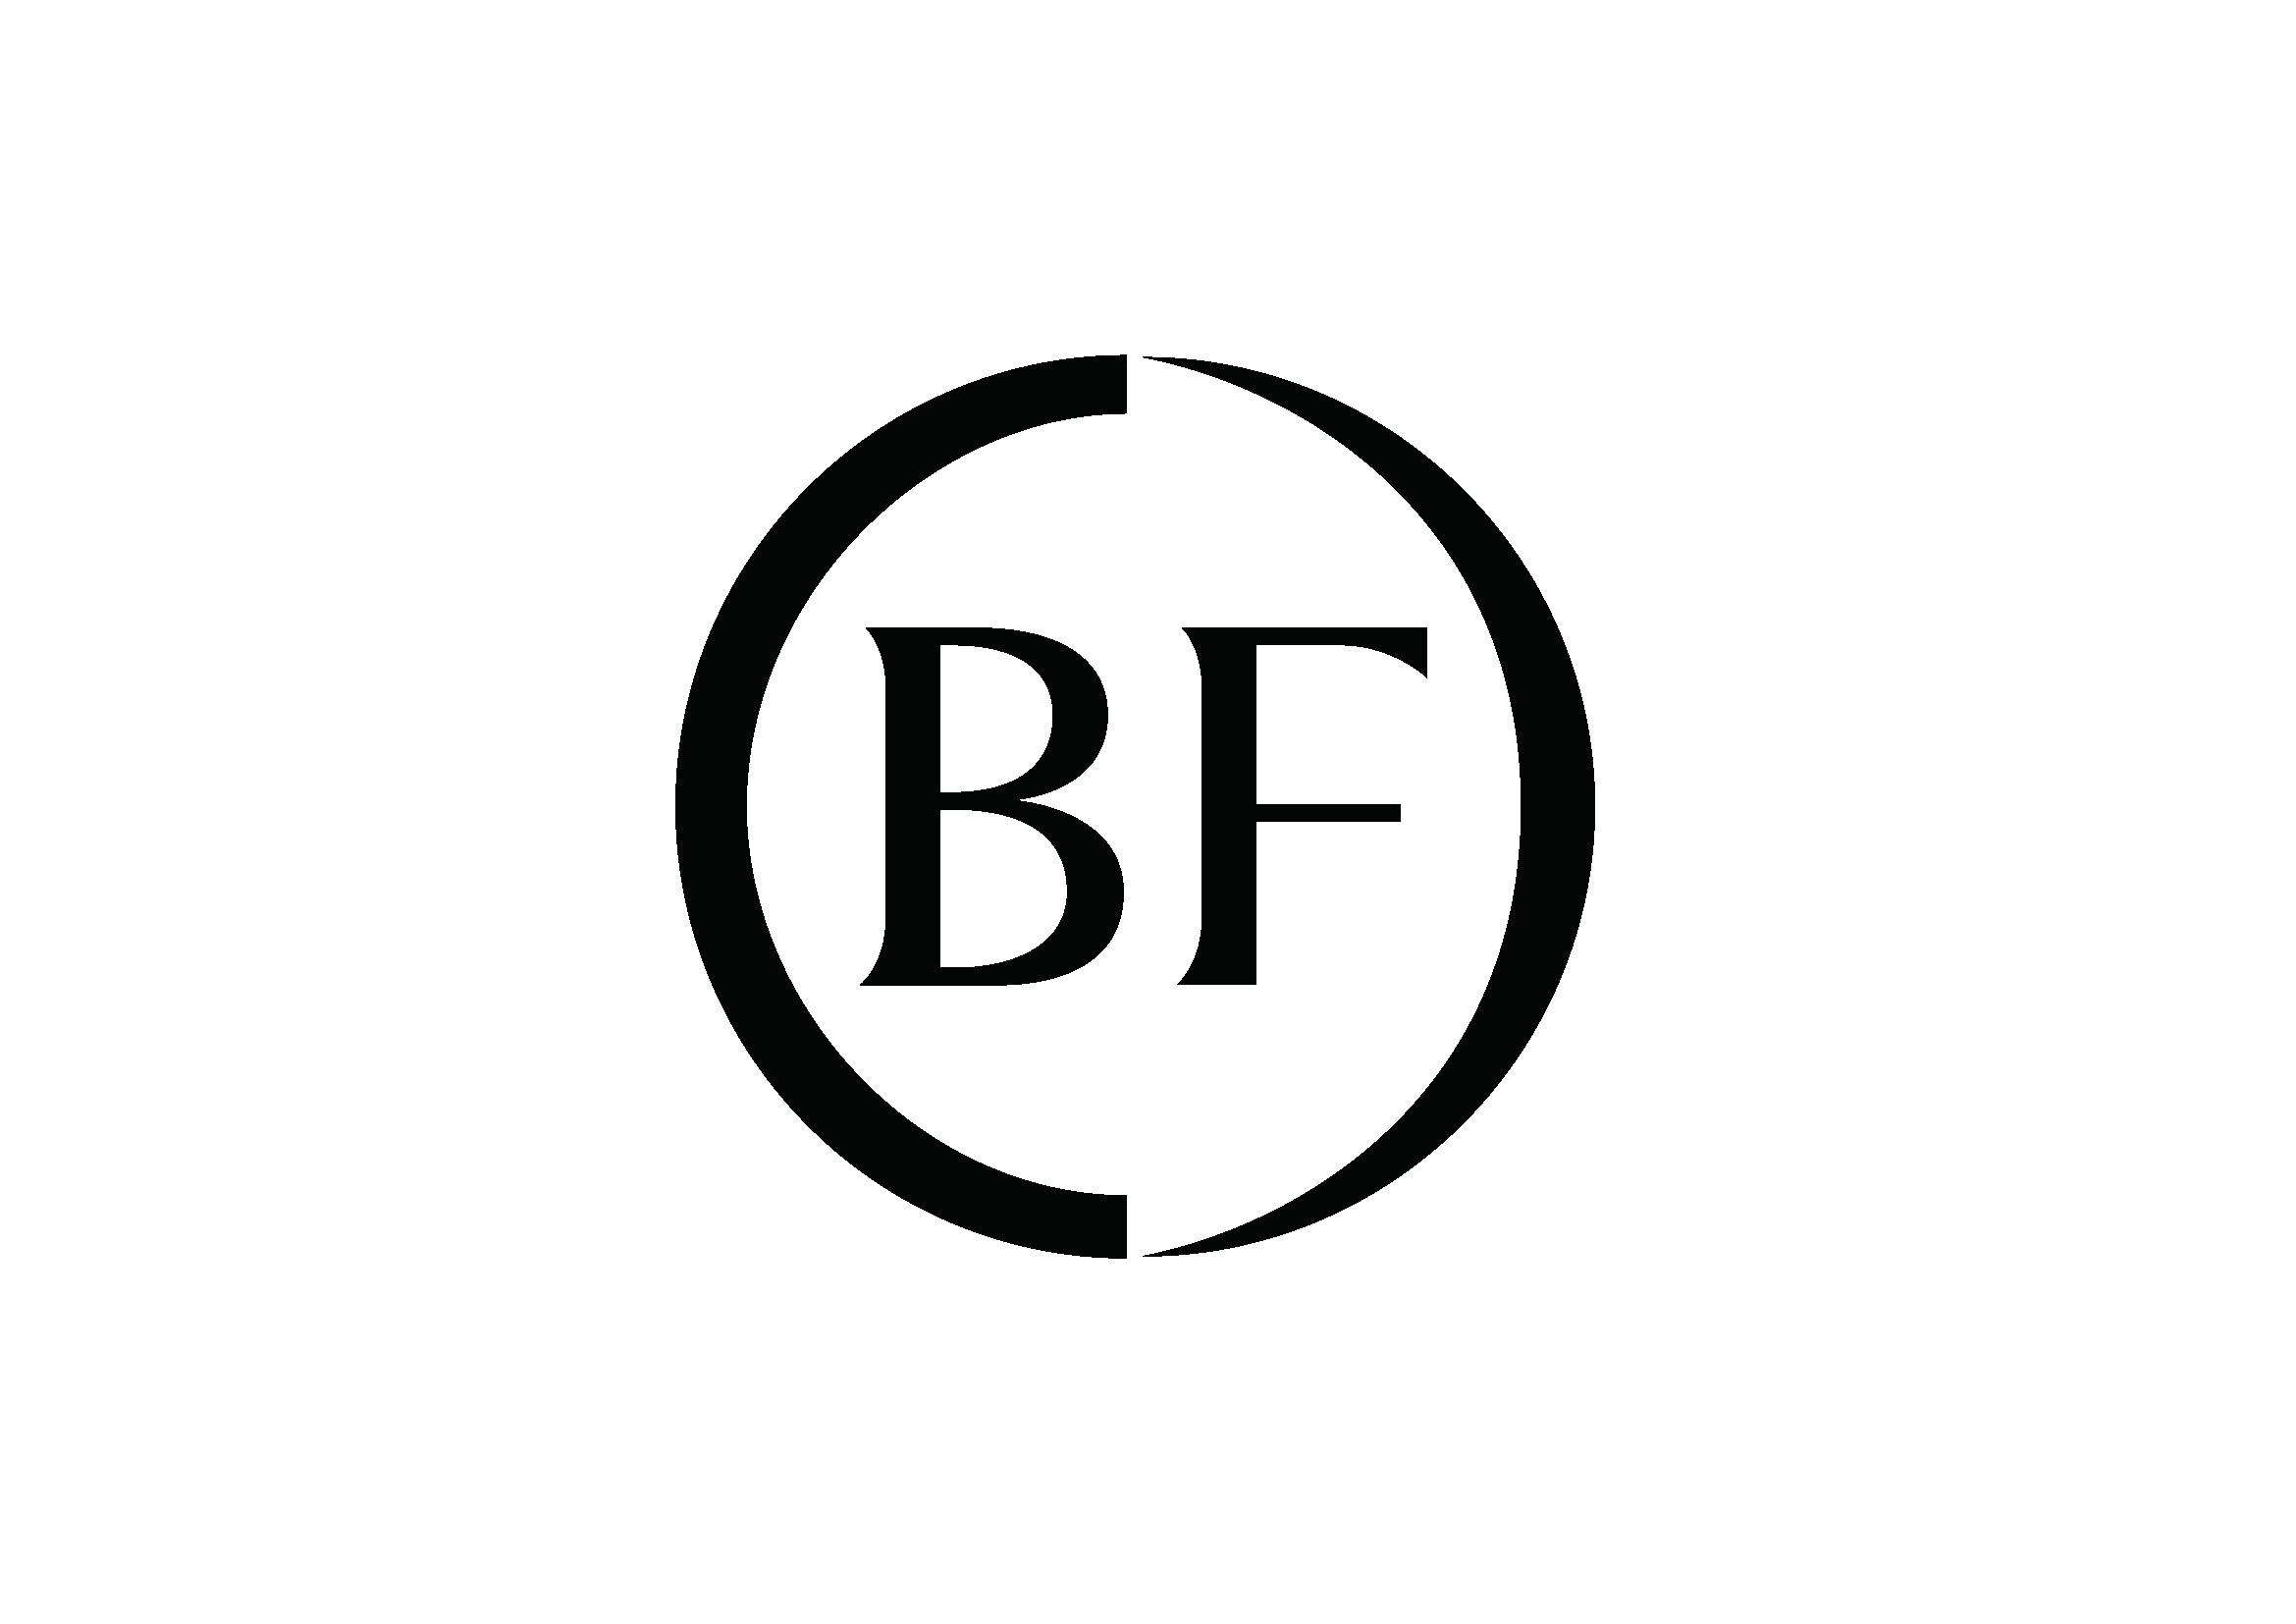 BF_logo_initials_black.png